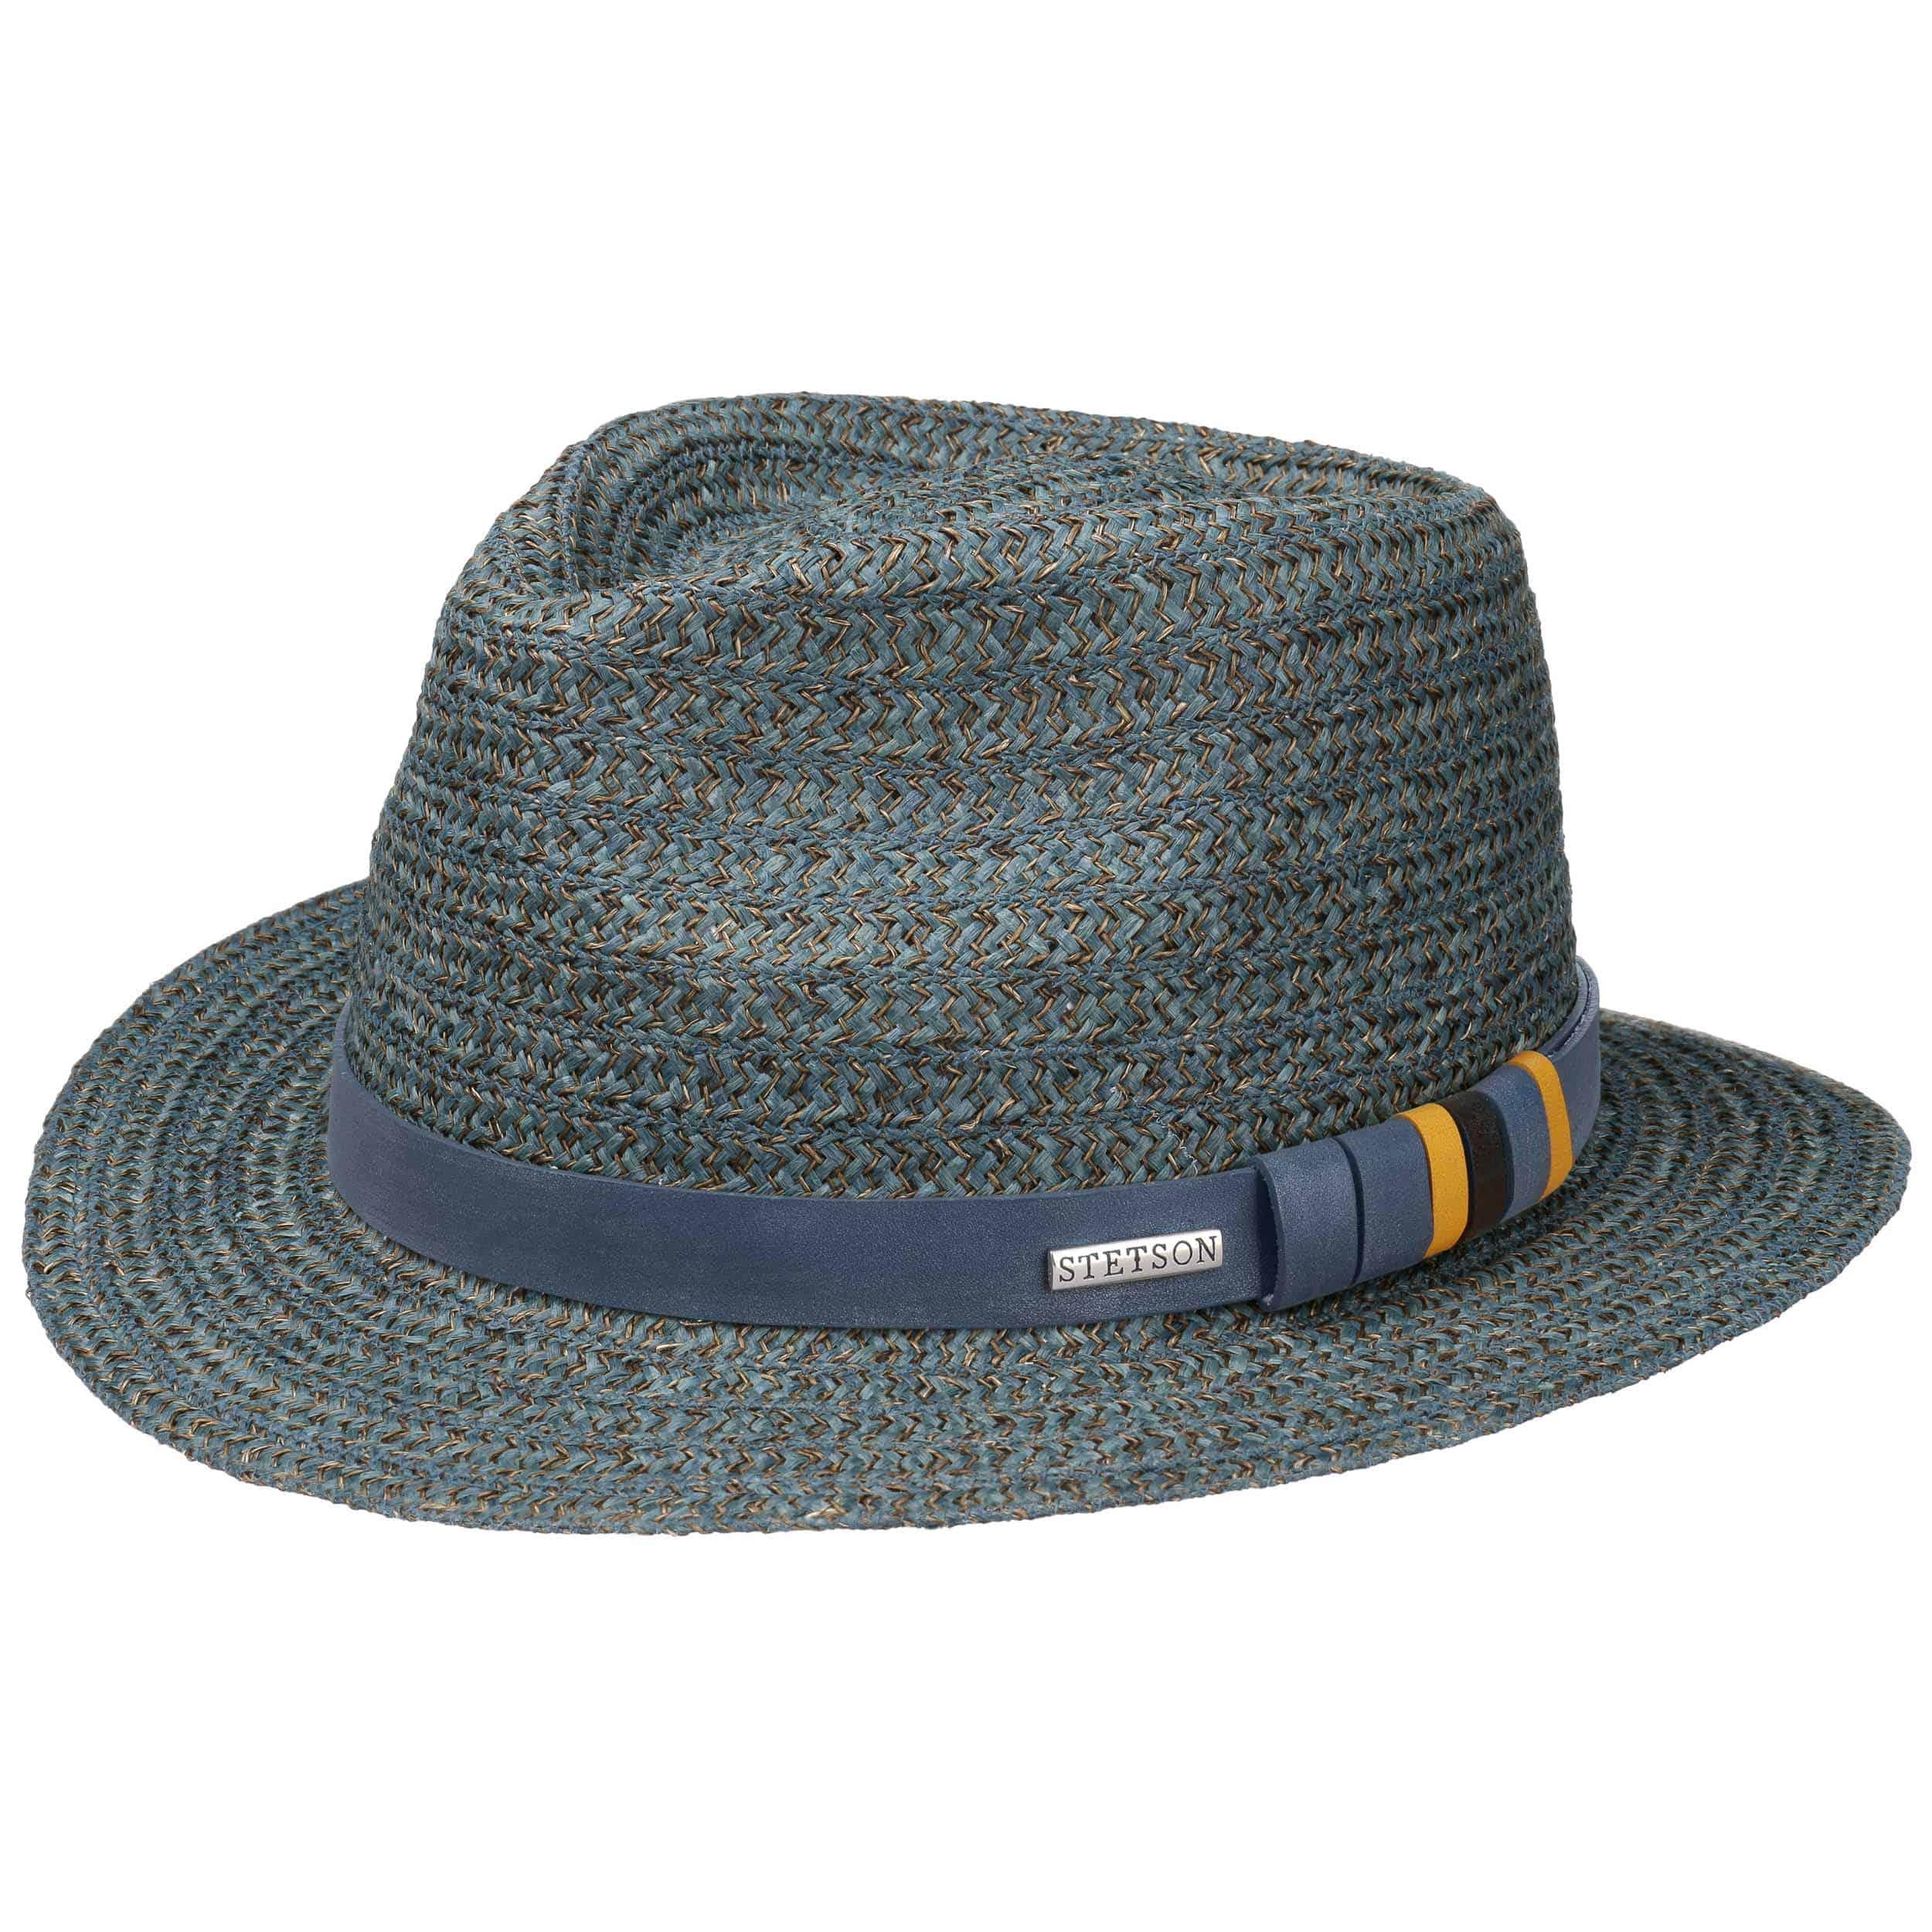 Conargo Traveller Hemp Hat by Stetson - petrol blue 1 2616efc0a04